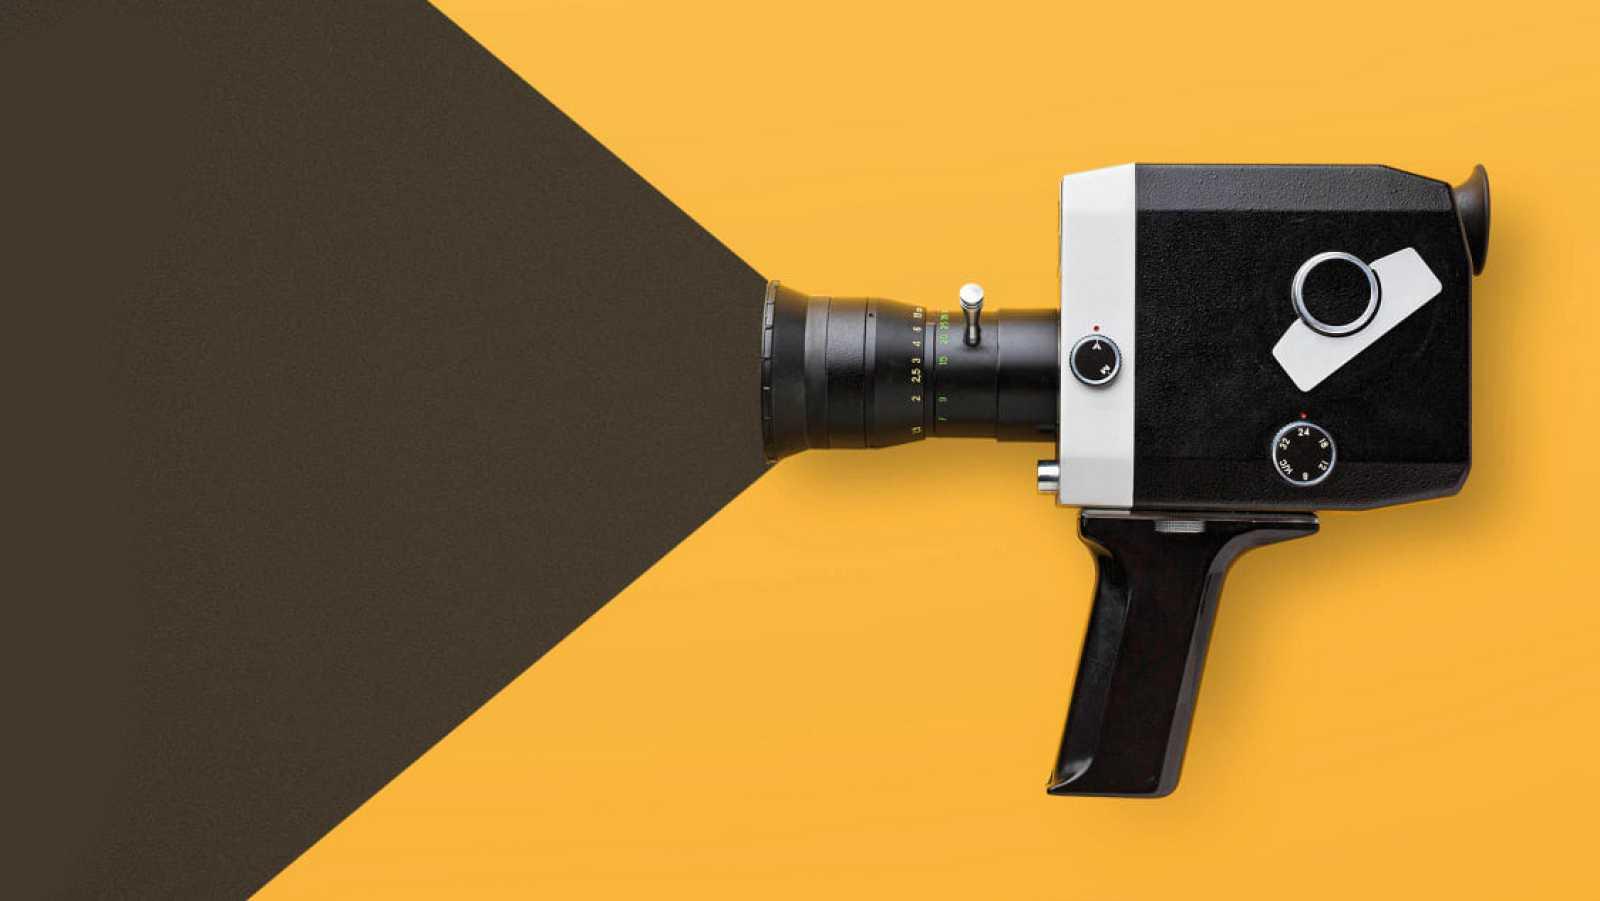 Artesfera - El cine iberoamericano tiene cita en Ibértigo - 19/10/20 - escuchar ahora